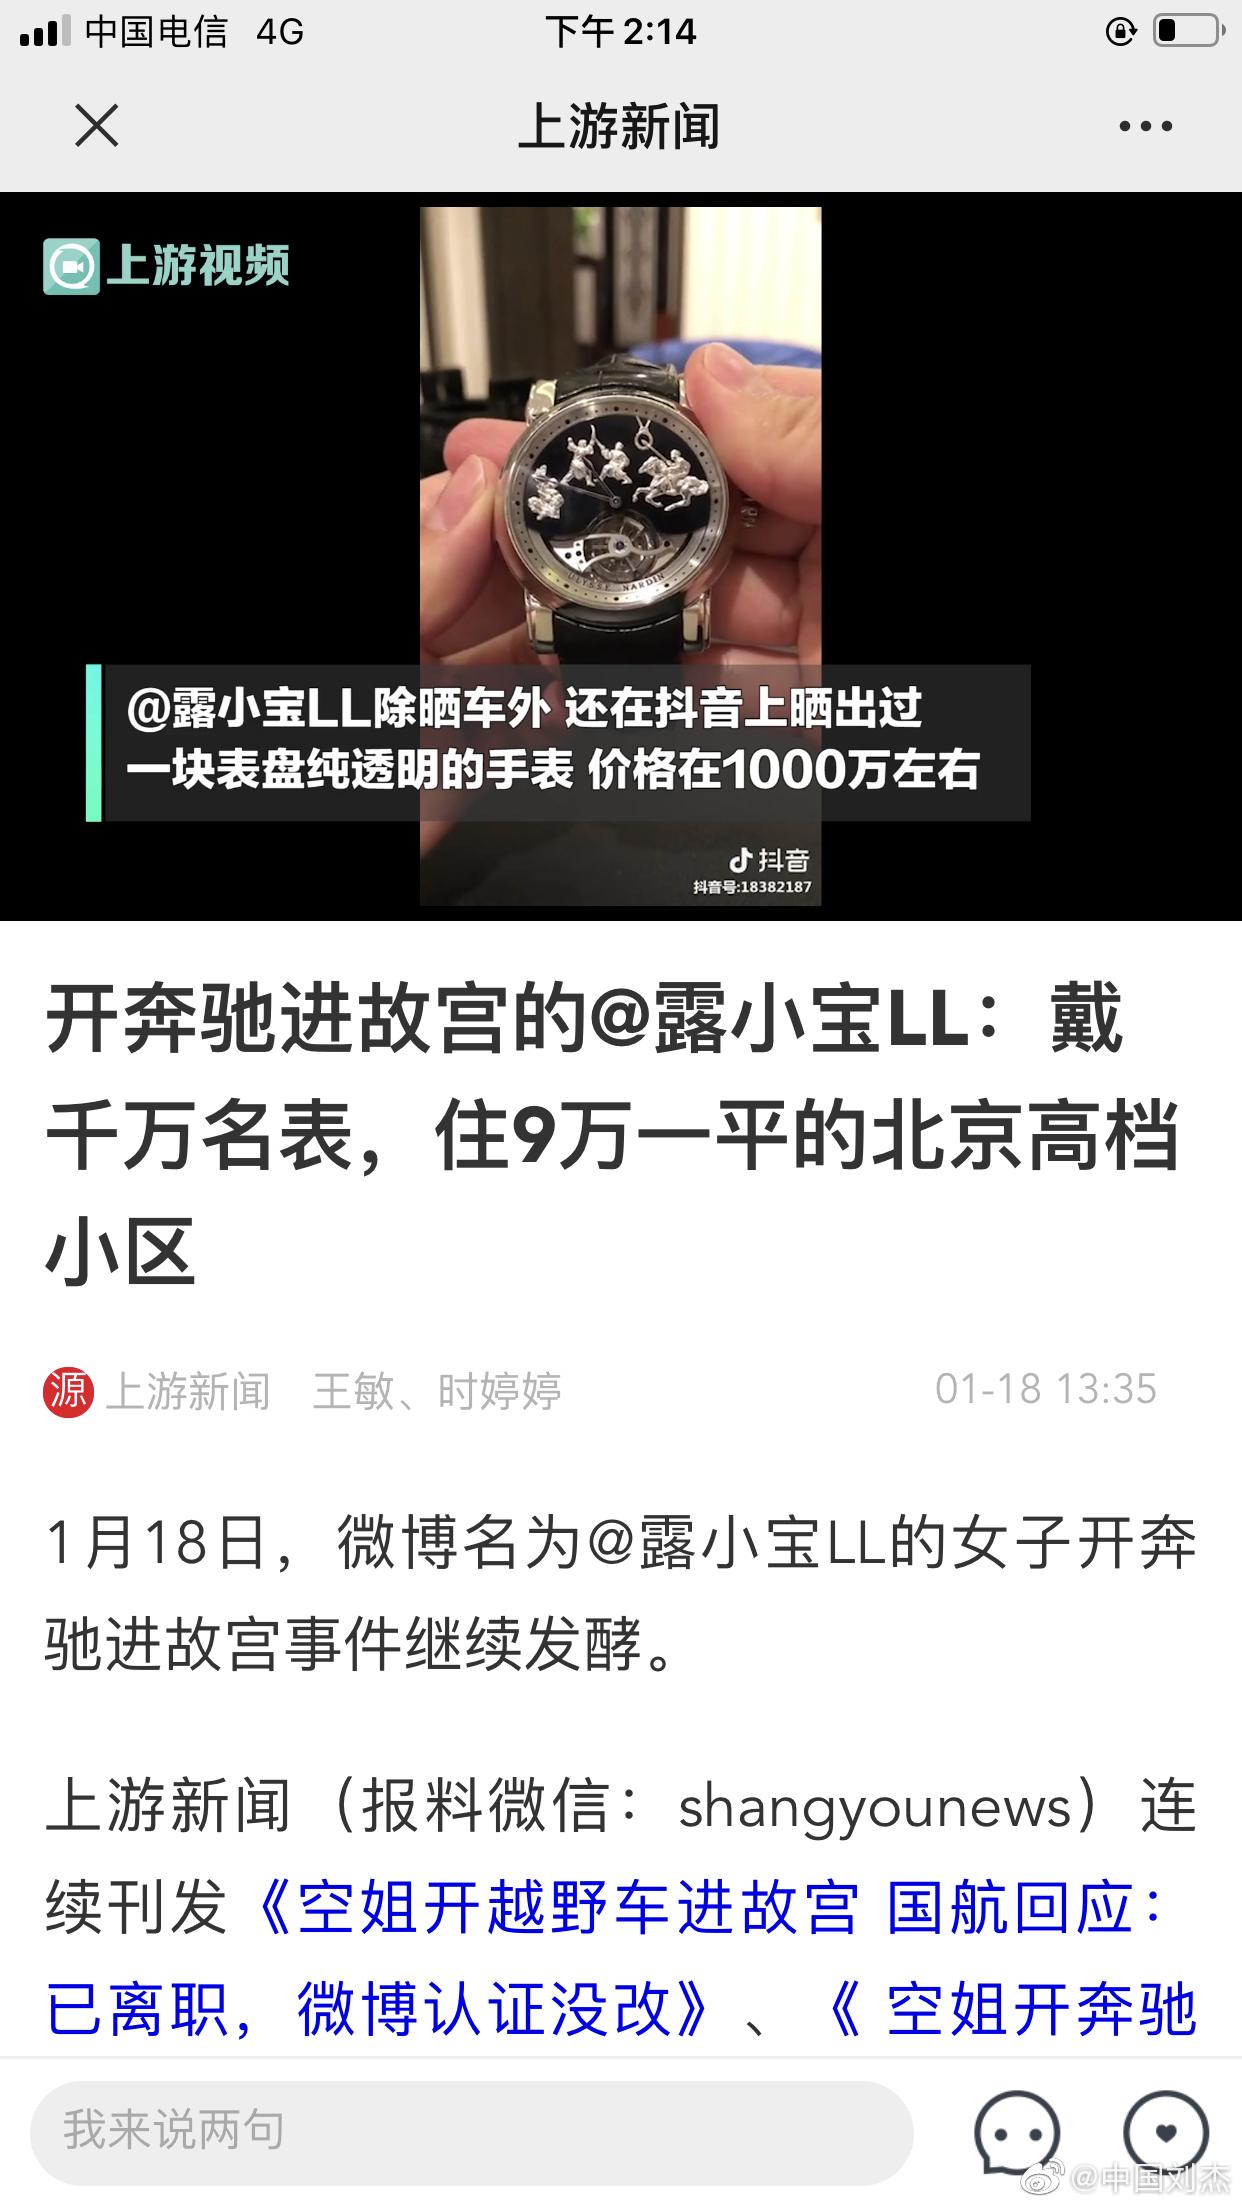 上游新闻:开奔驰进故宫的@露小宝LL,戴千万名表